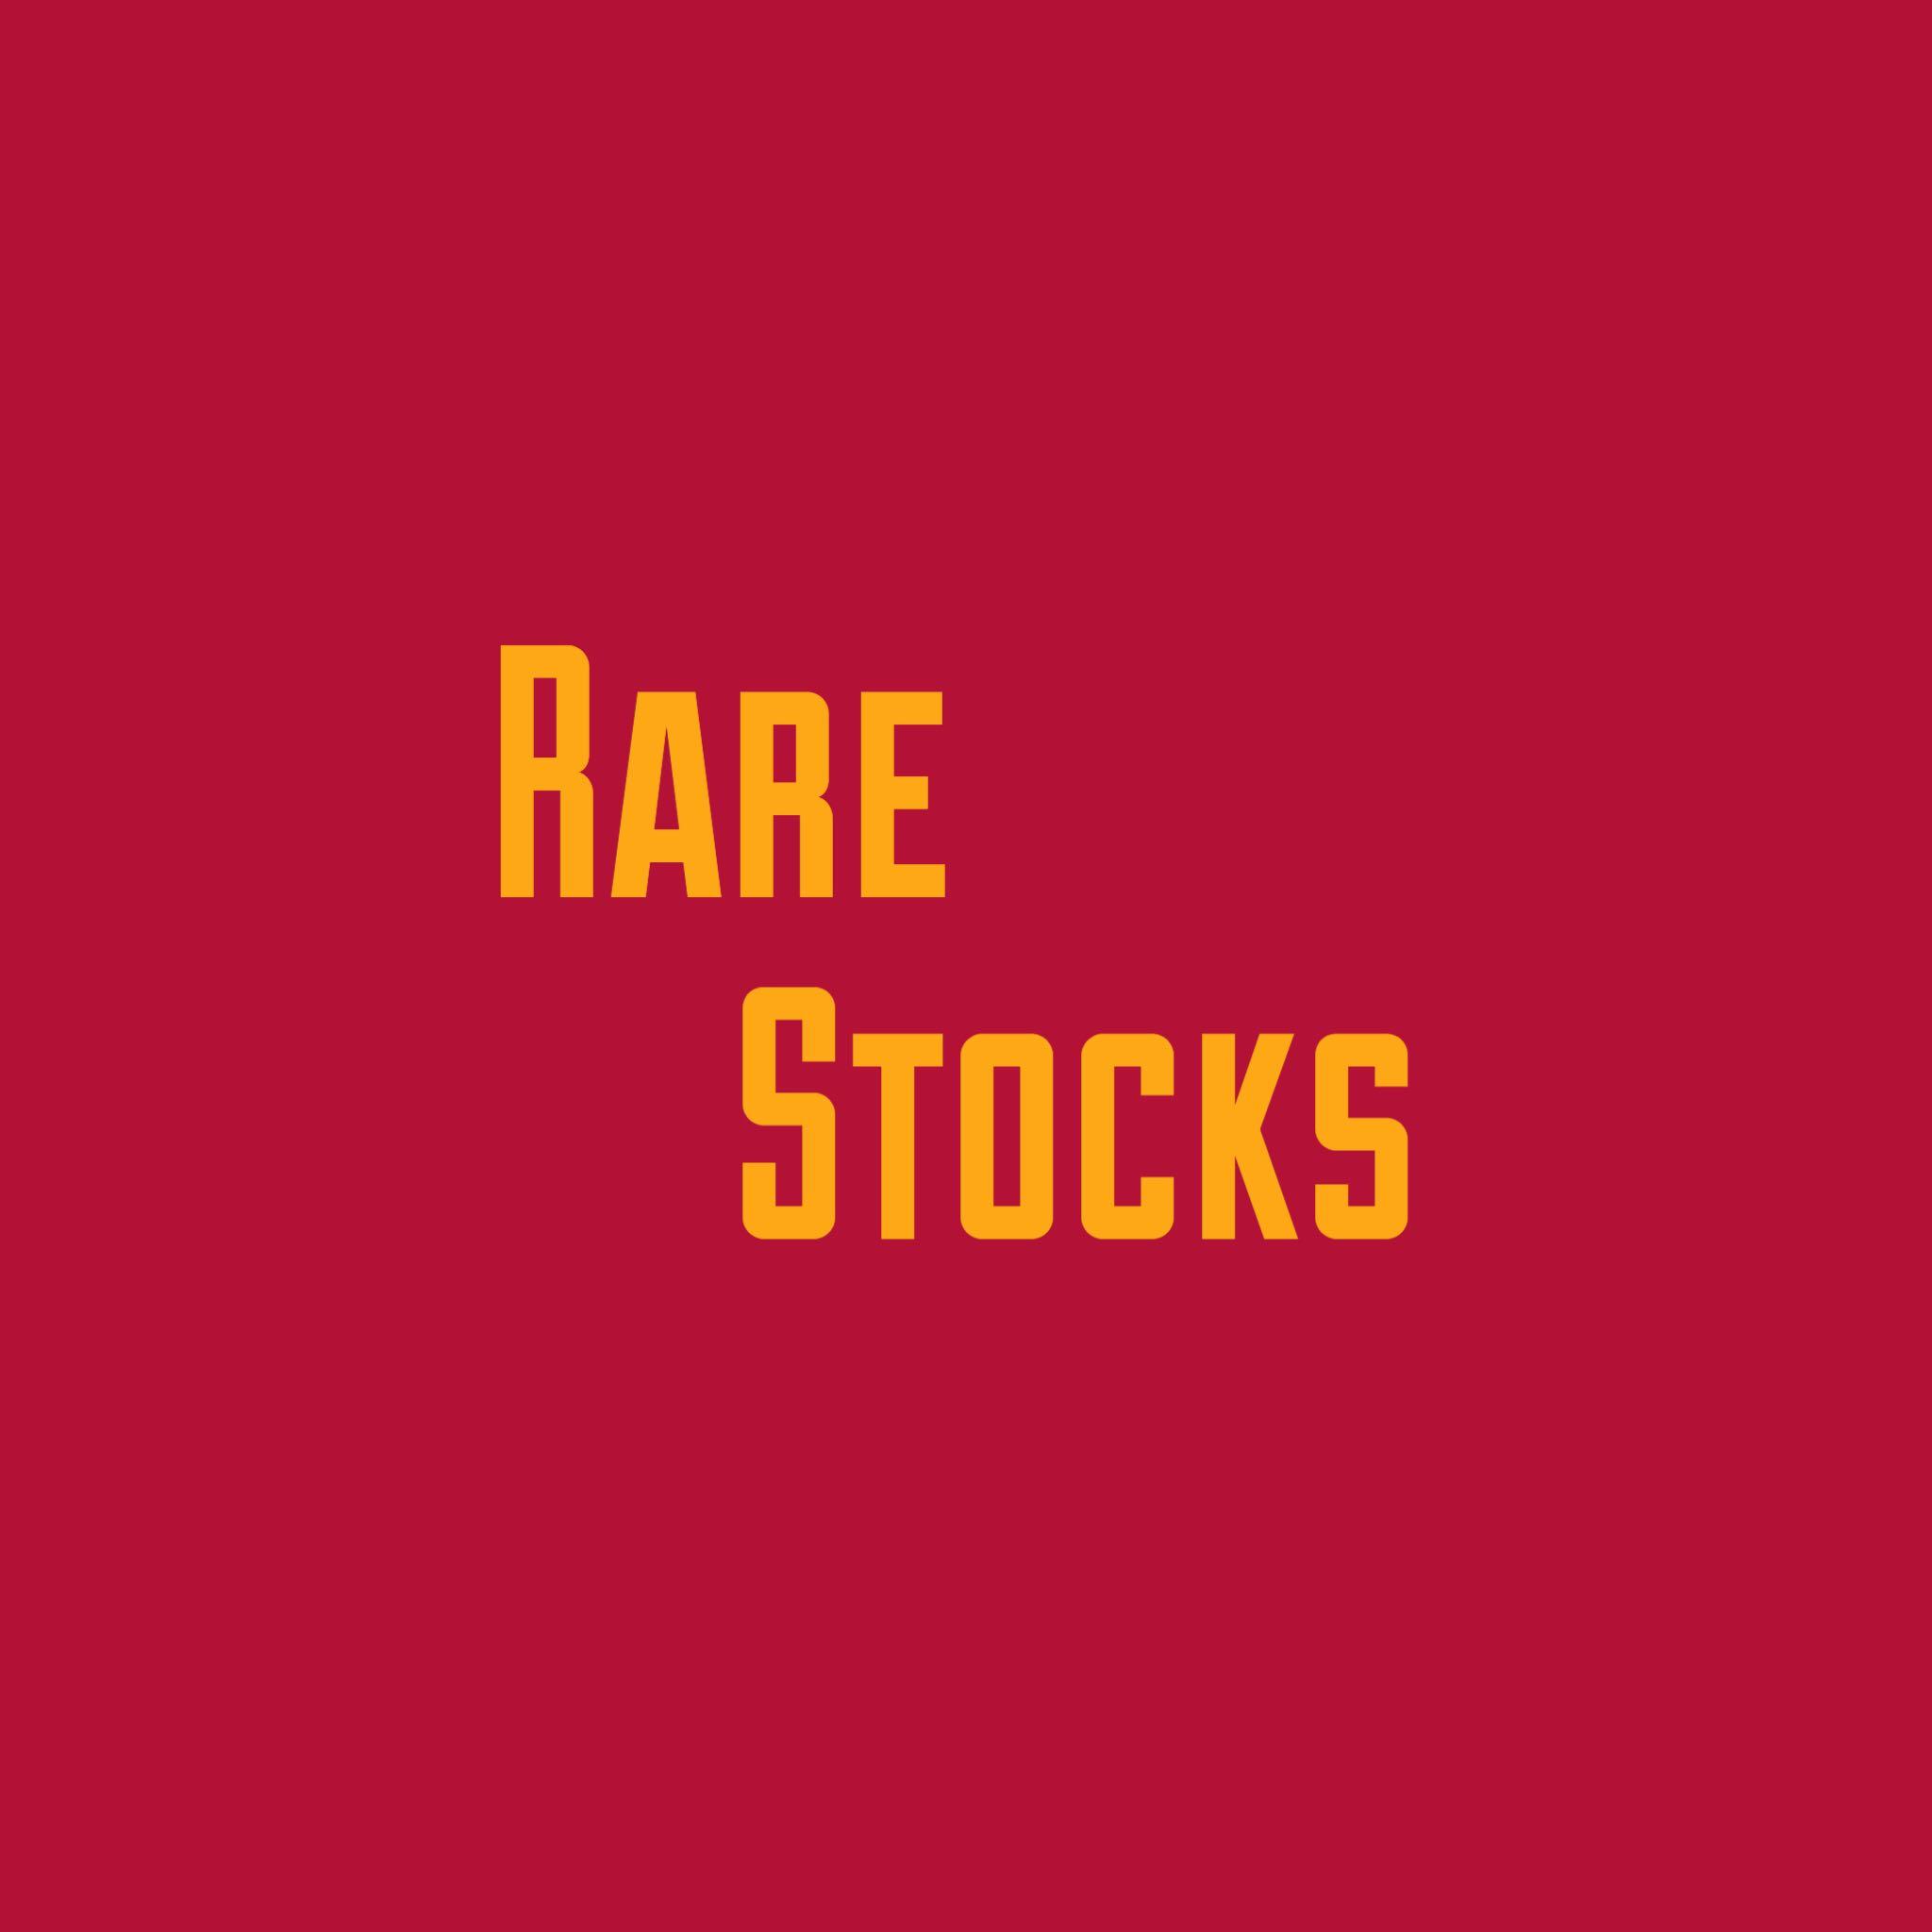 rarestocks